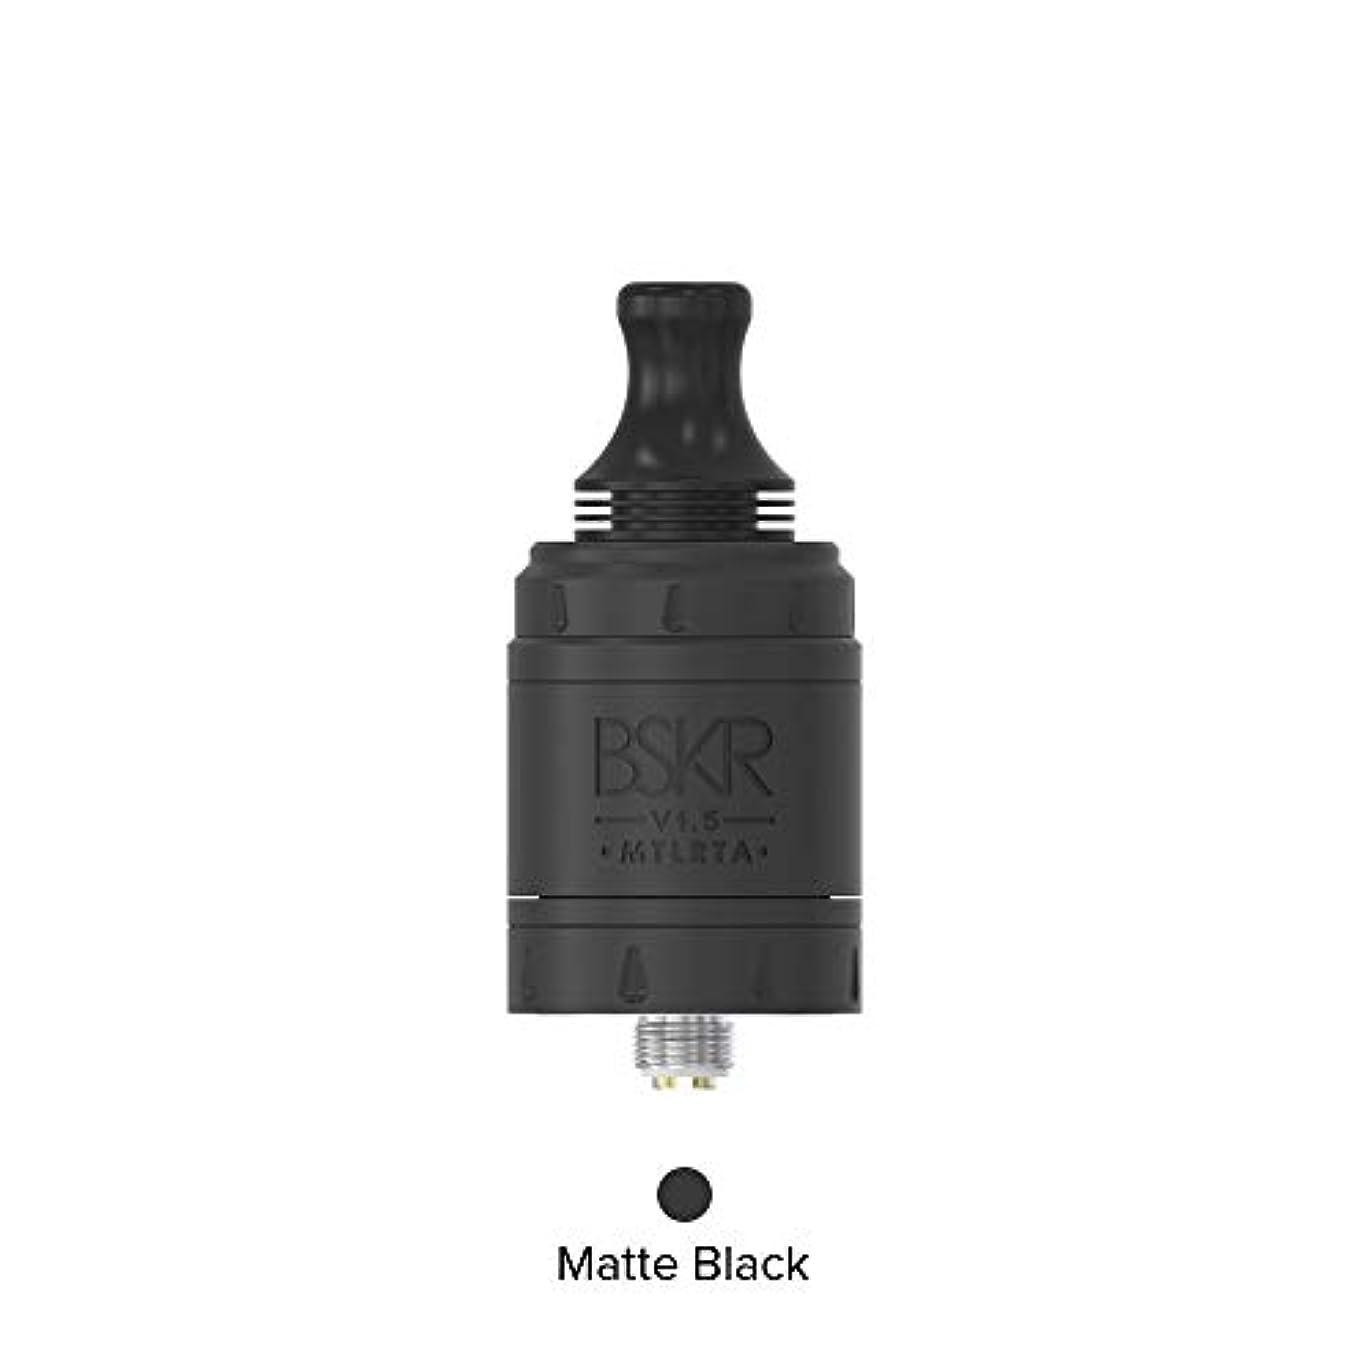 腸若さ投資大人気 Vandy Vape Berserker V1.5 MTL RTA Atomizer VAPE 電子タバコ アトマイザー (ブラック)